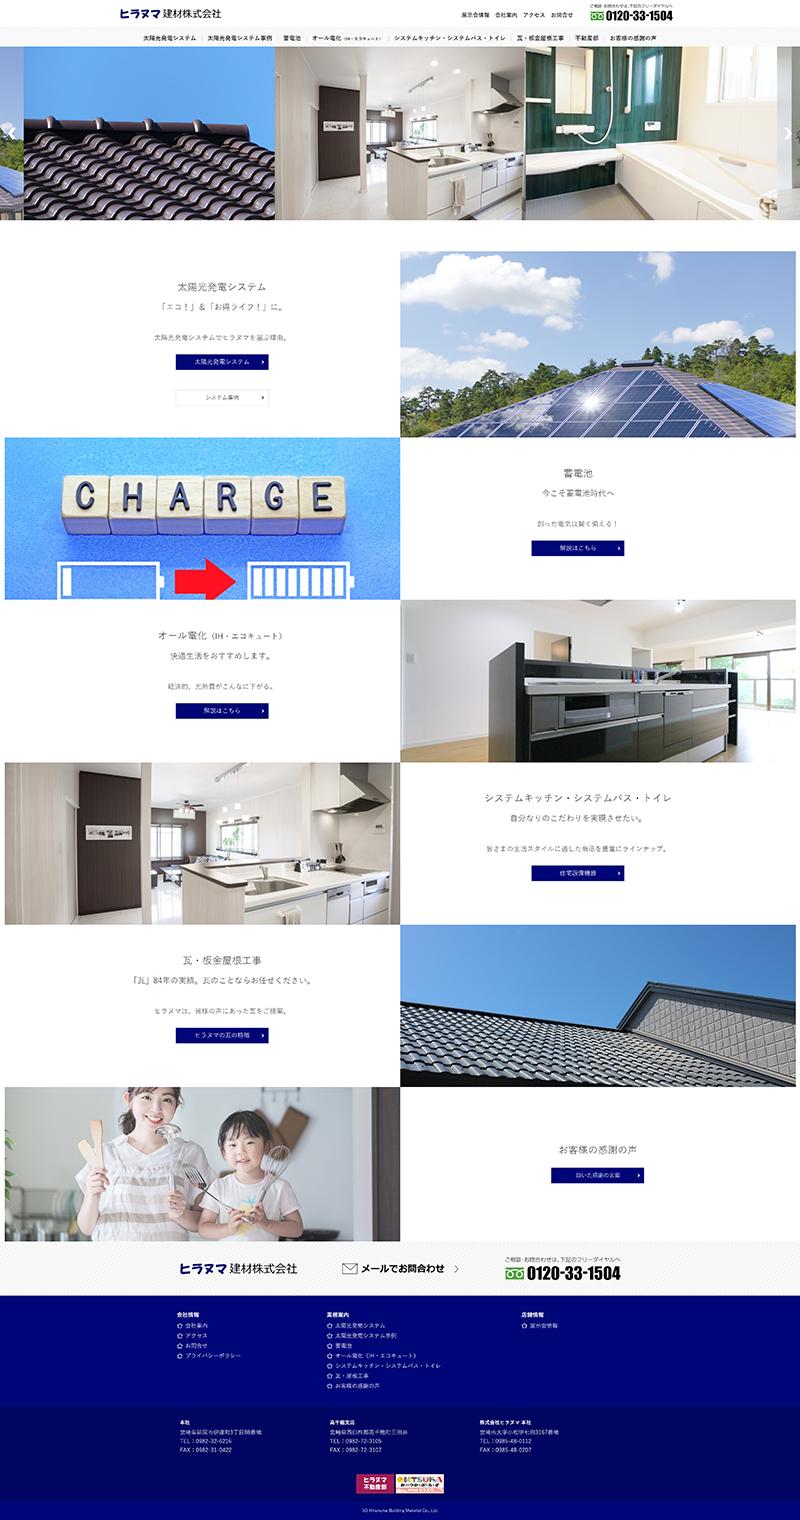 ヒラヌマ建材株式会社ホームページ